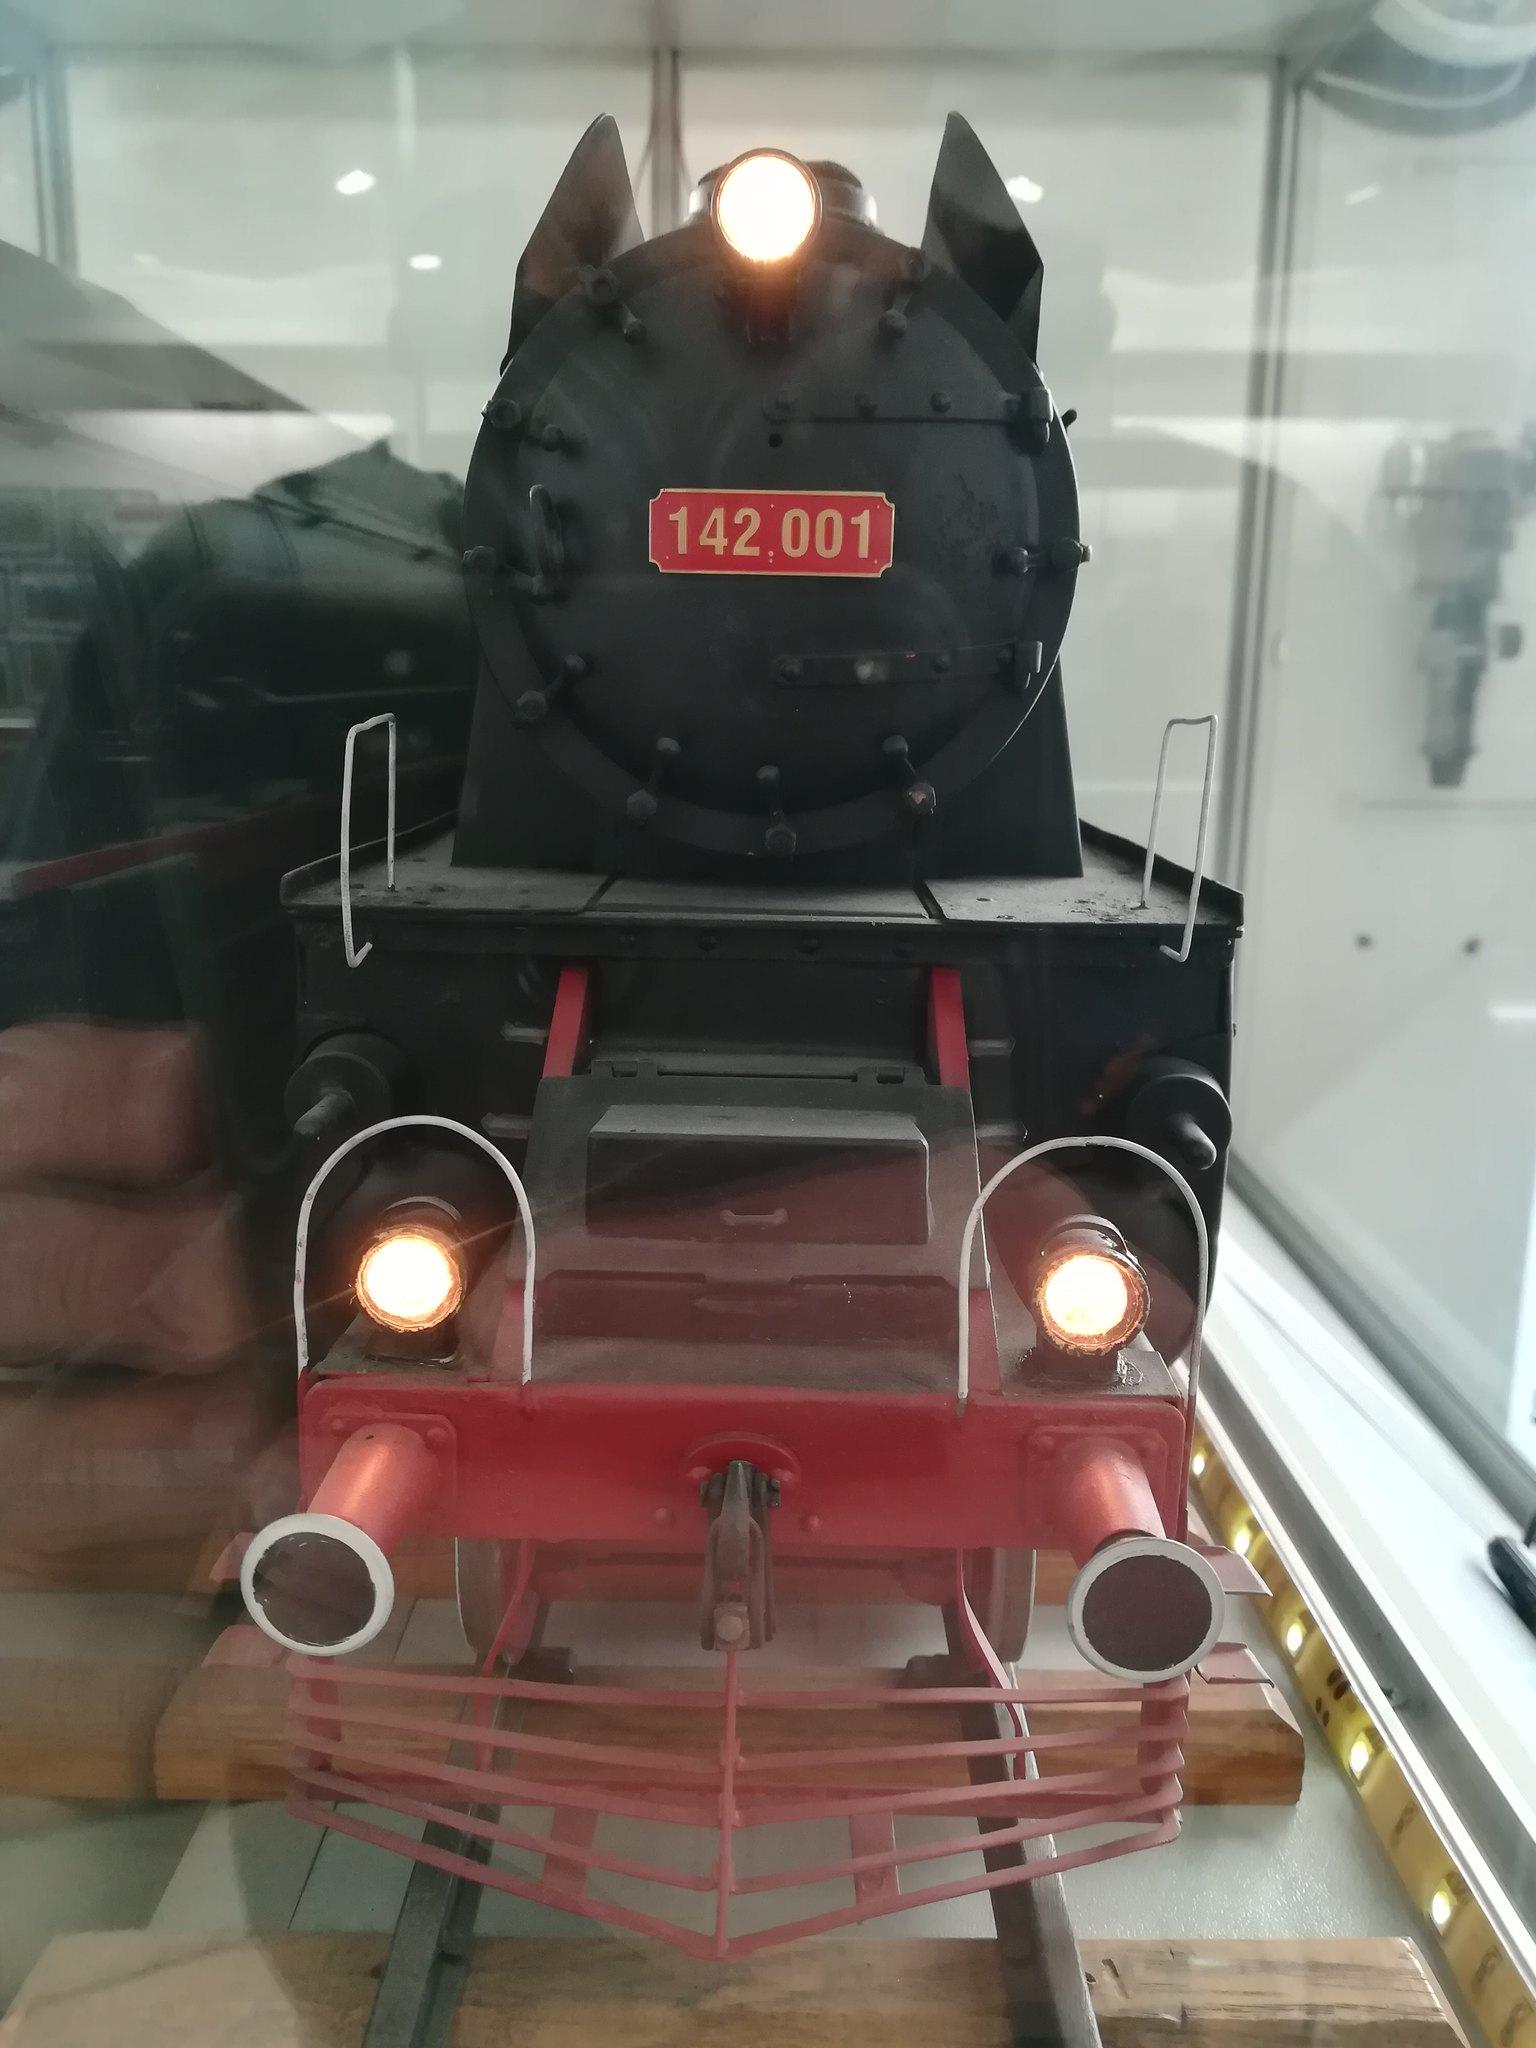 Reportaje feroviare Adirmvl - Pagina 21 49595973311_162da1693e_k